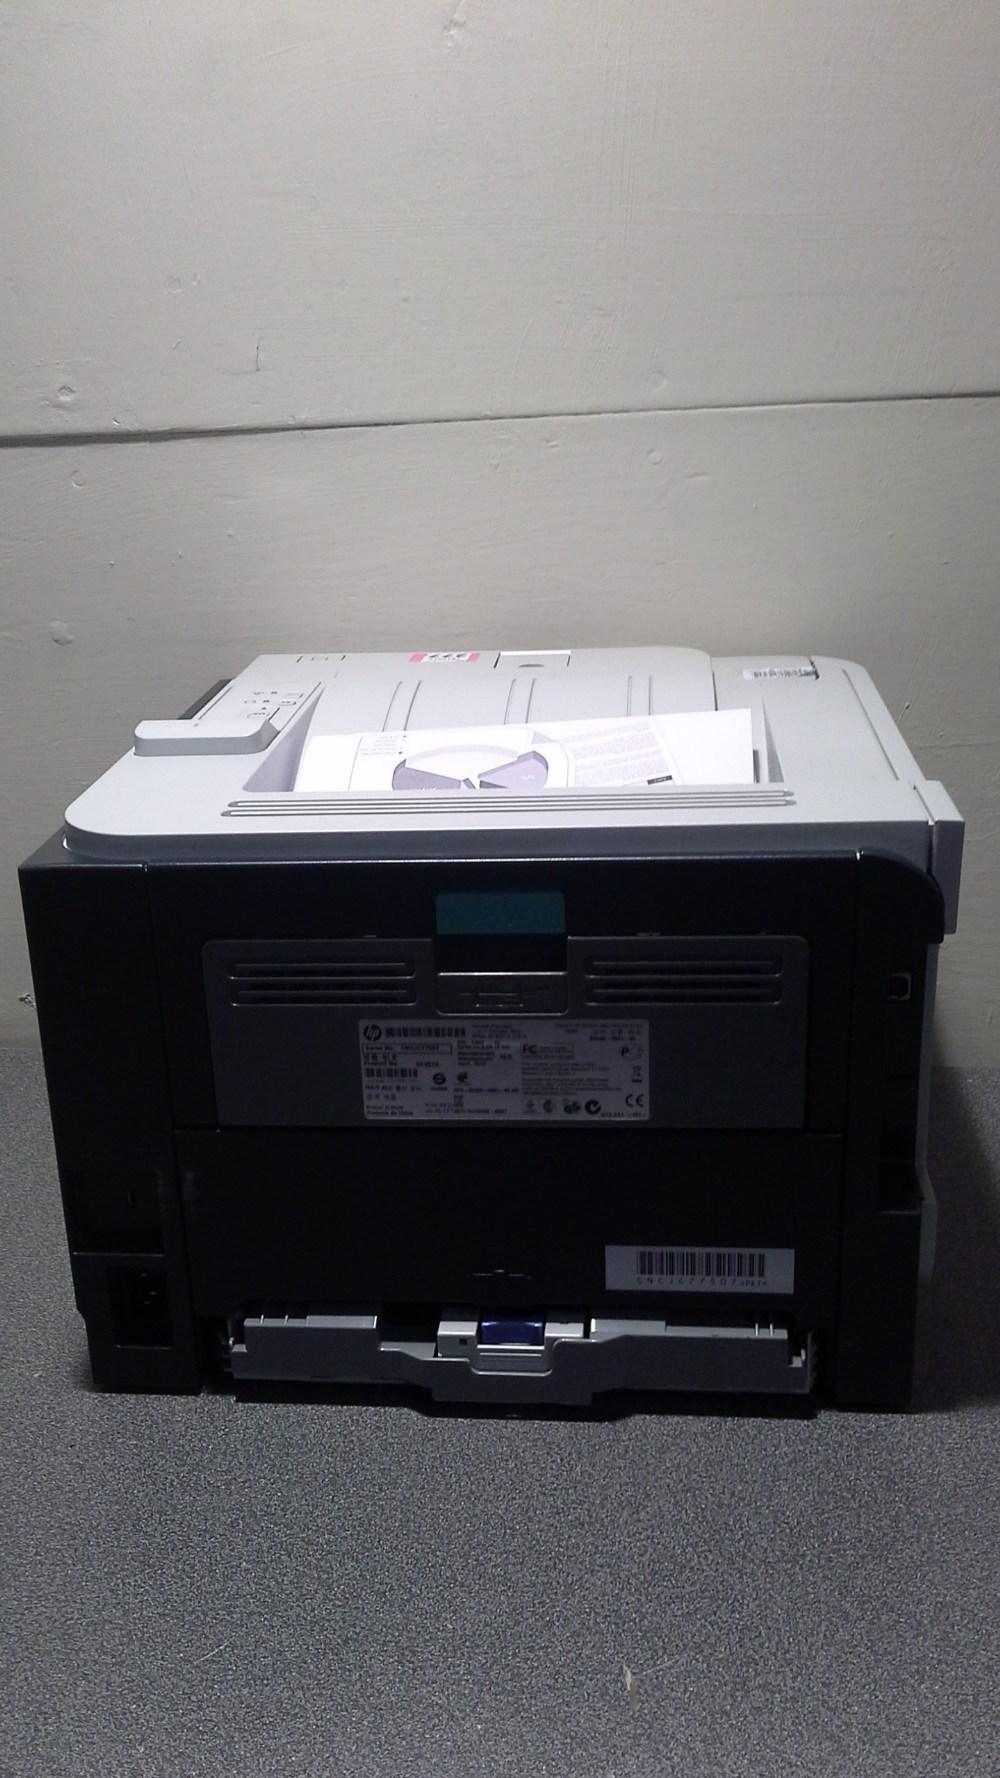 hp laserjet p2055d printer usb test page ok. Black Bedroom Furniture Sets. Home Design Ideas